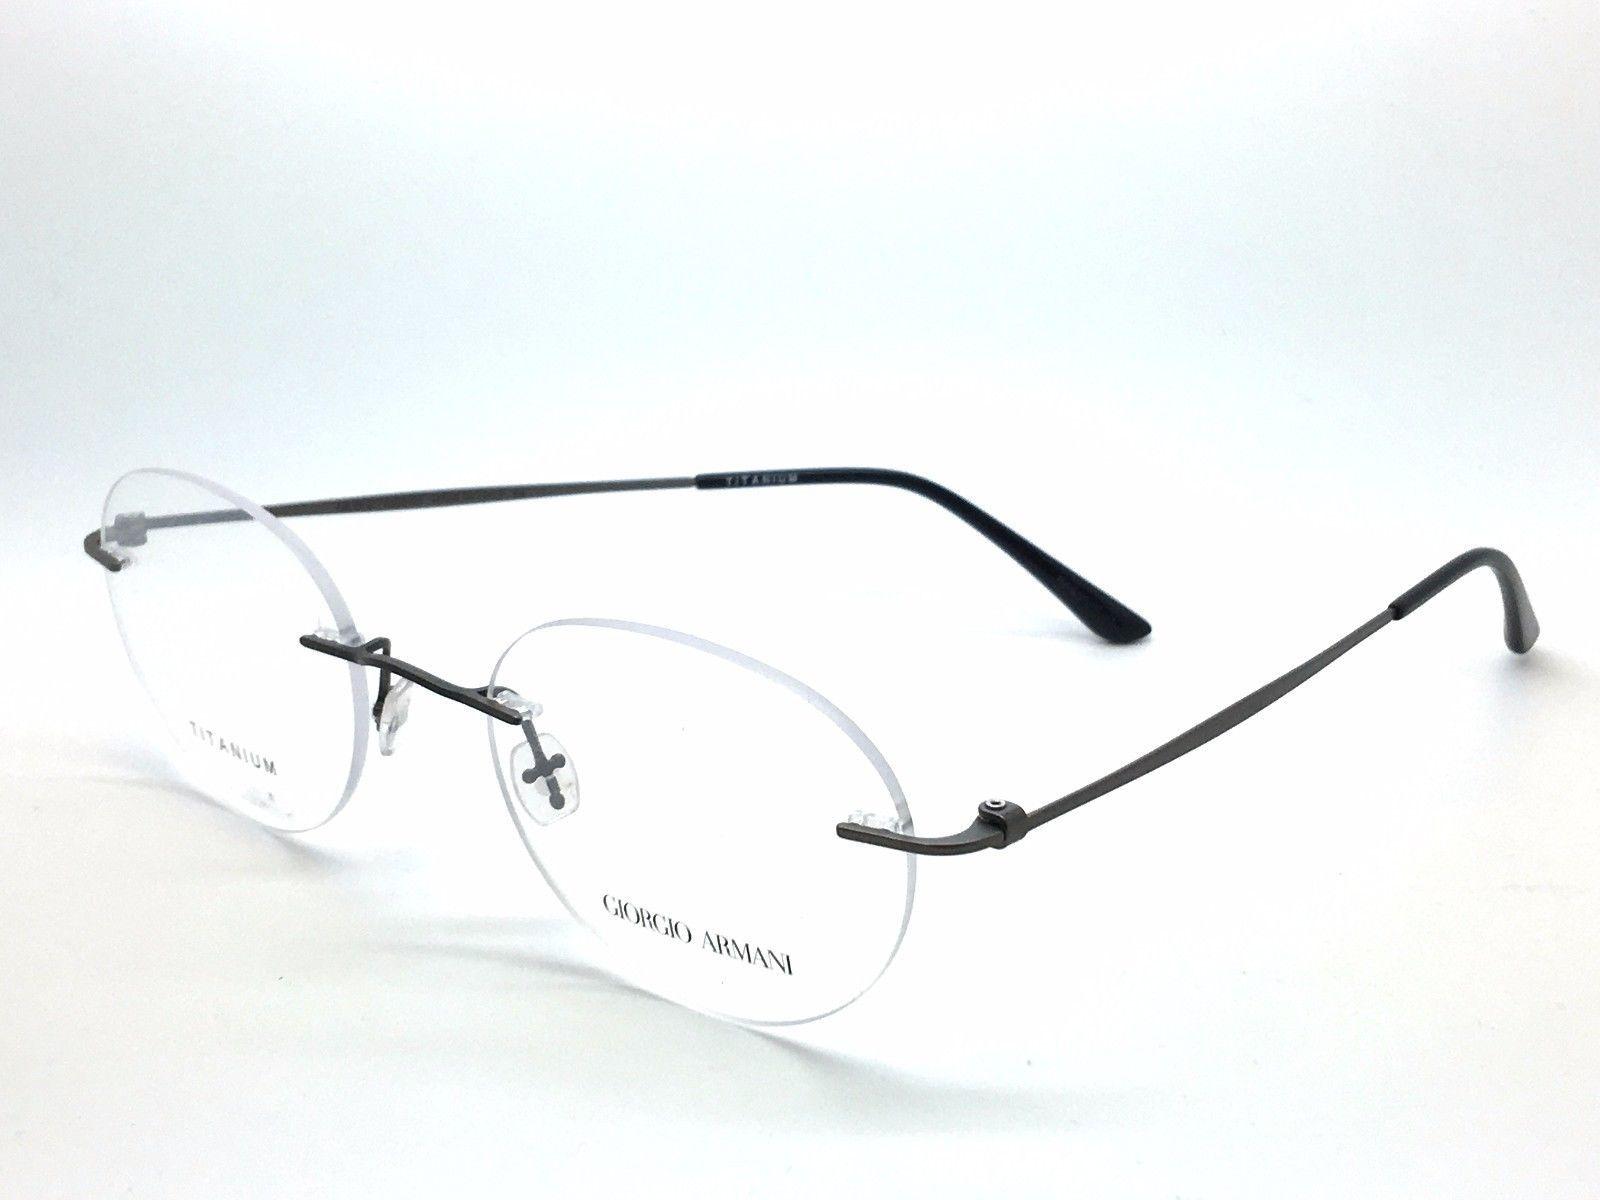 4e29927e291 Giorgio Armani RIMLESS Gunmetal Titanium Eyeglass Frames AR 5004-R-T 3003  170A